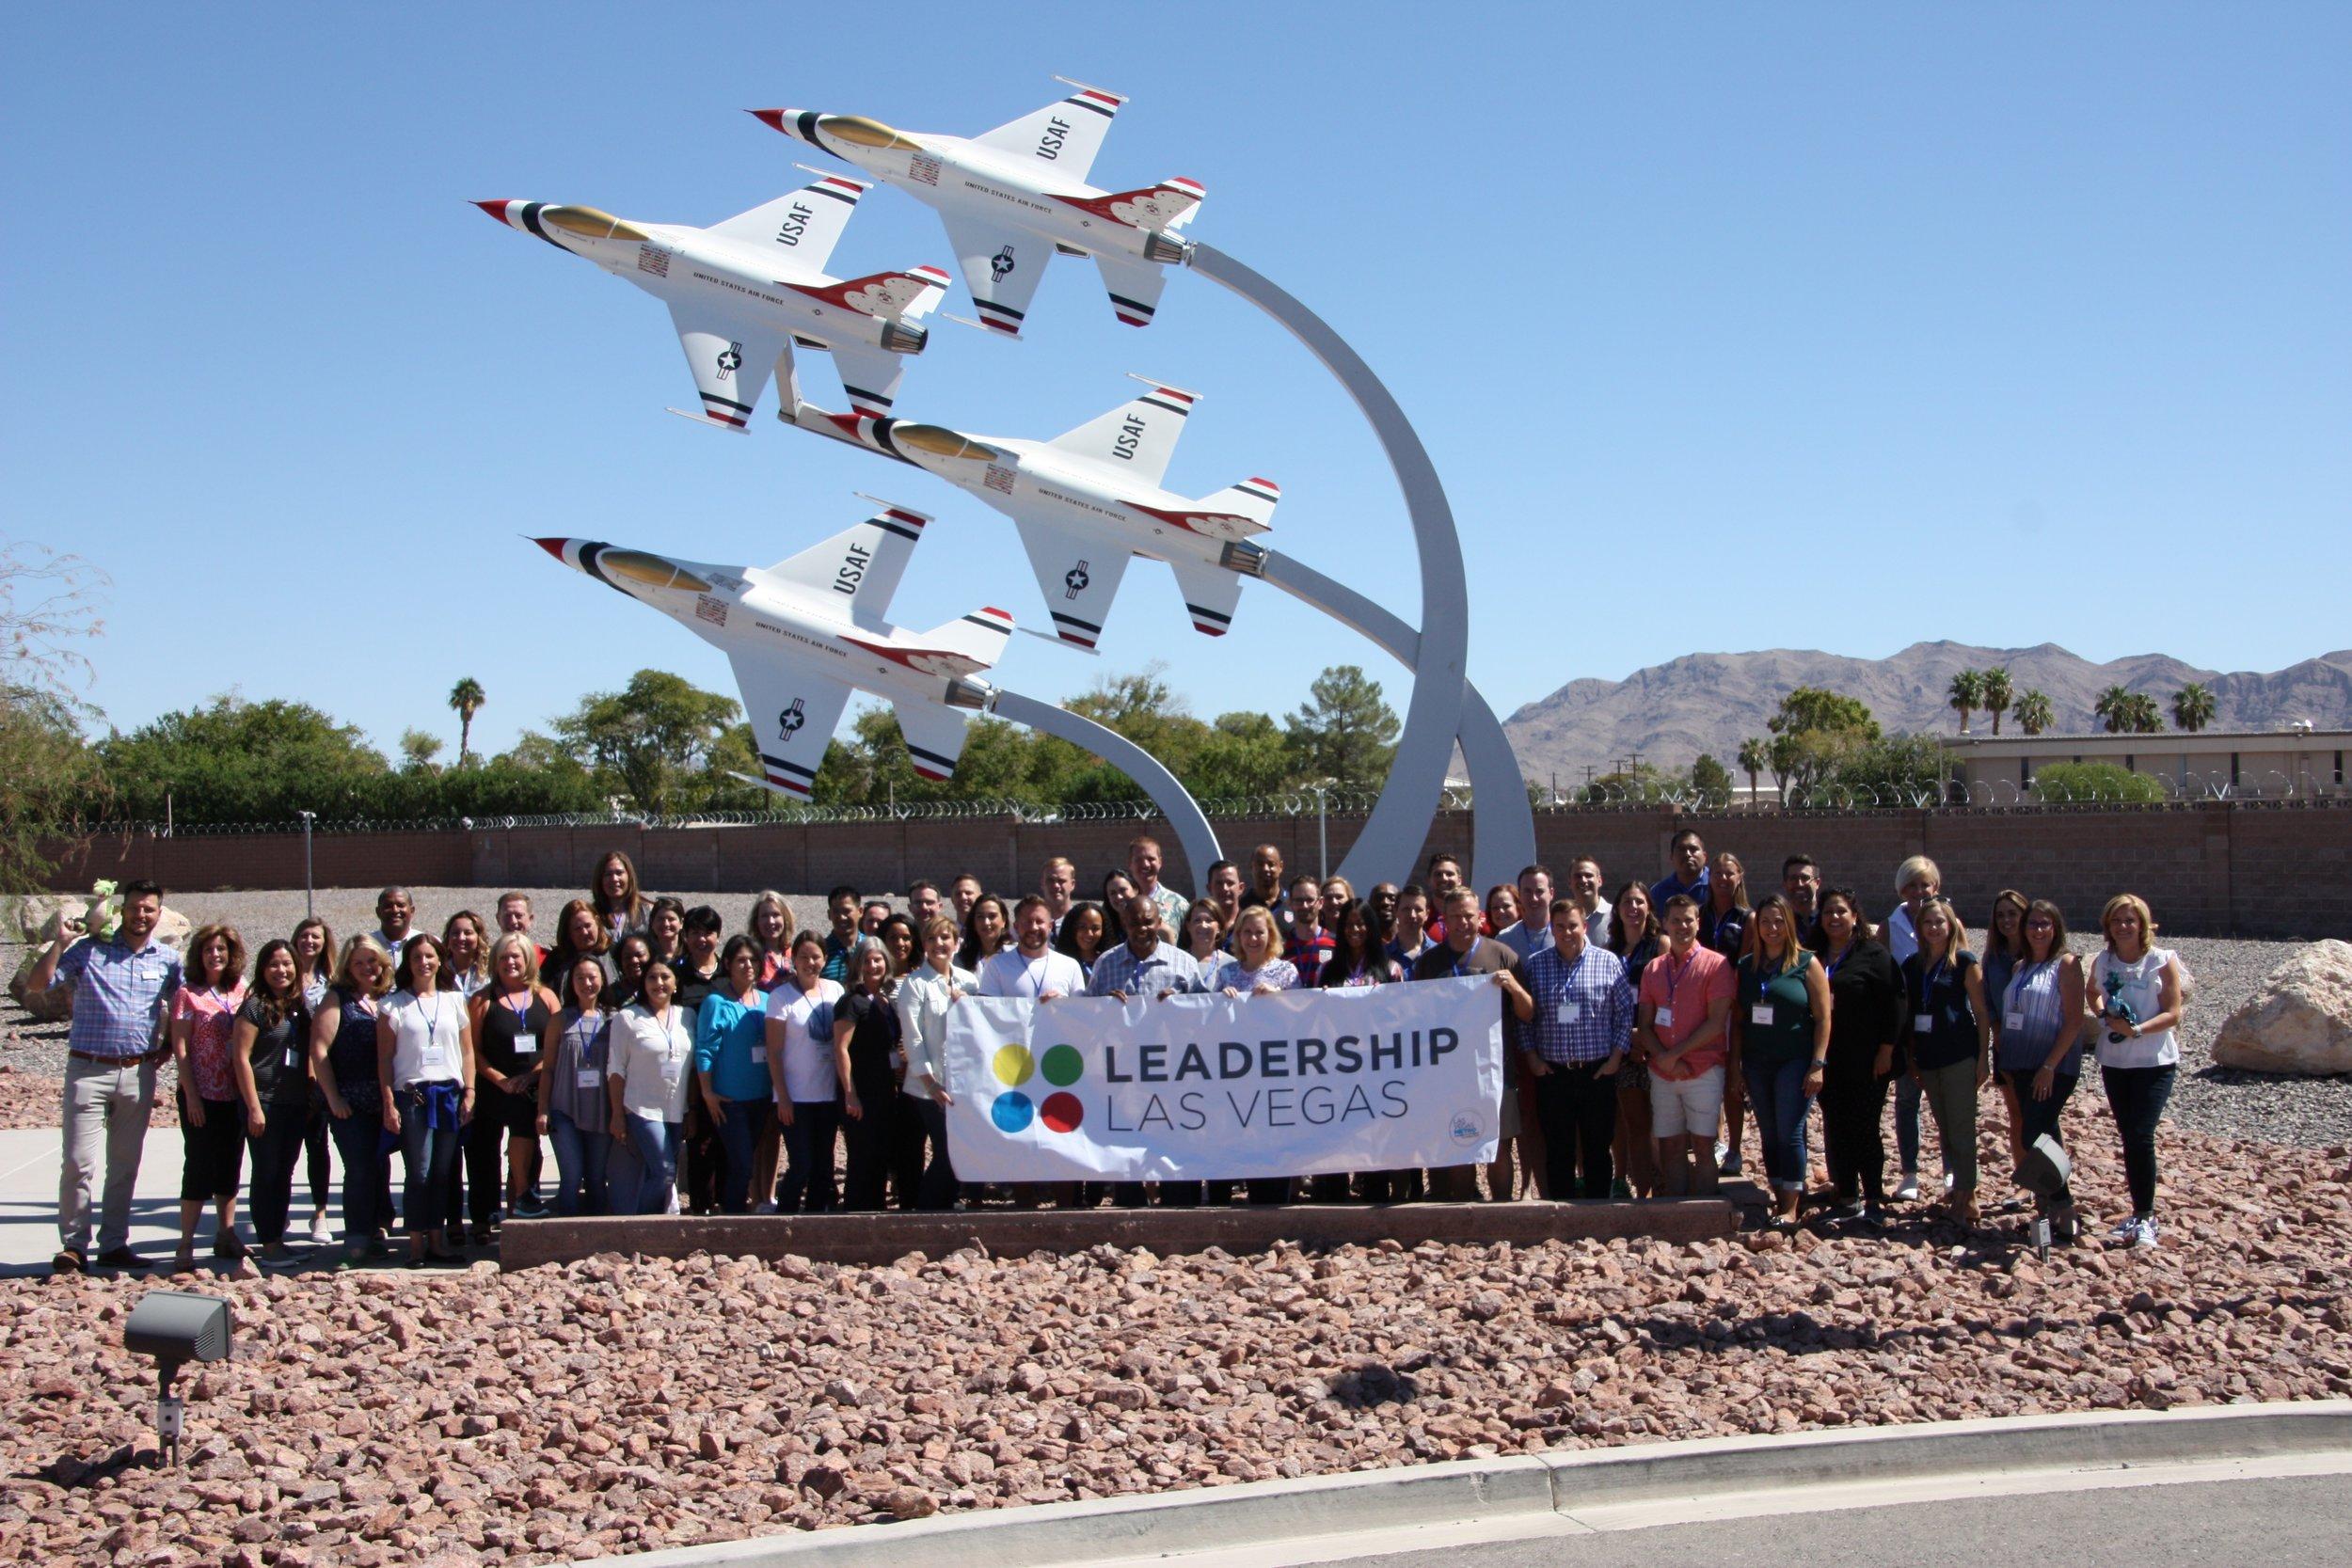 Leadership_Las_Vegas_6.jpg